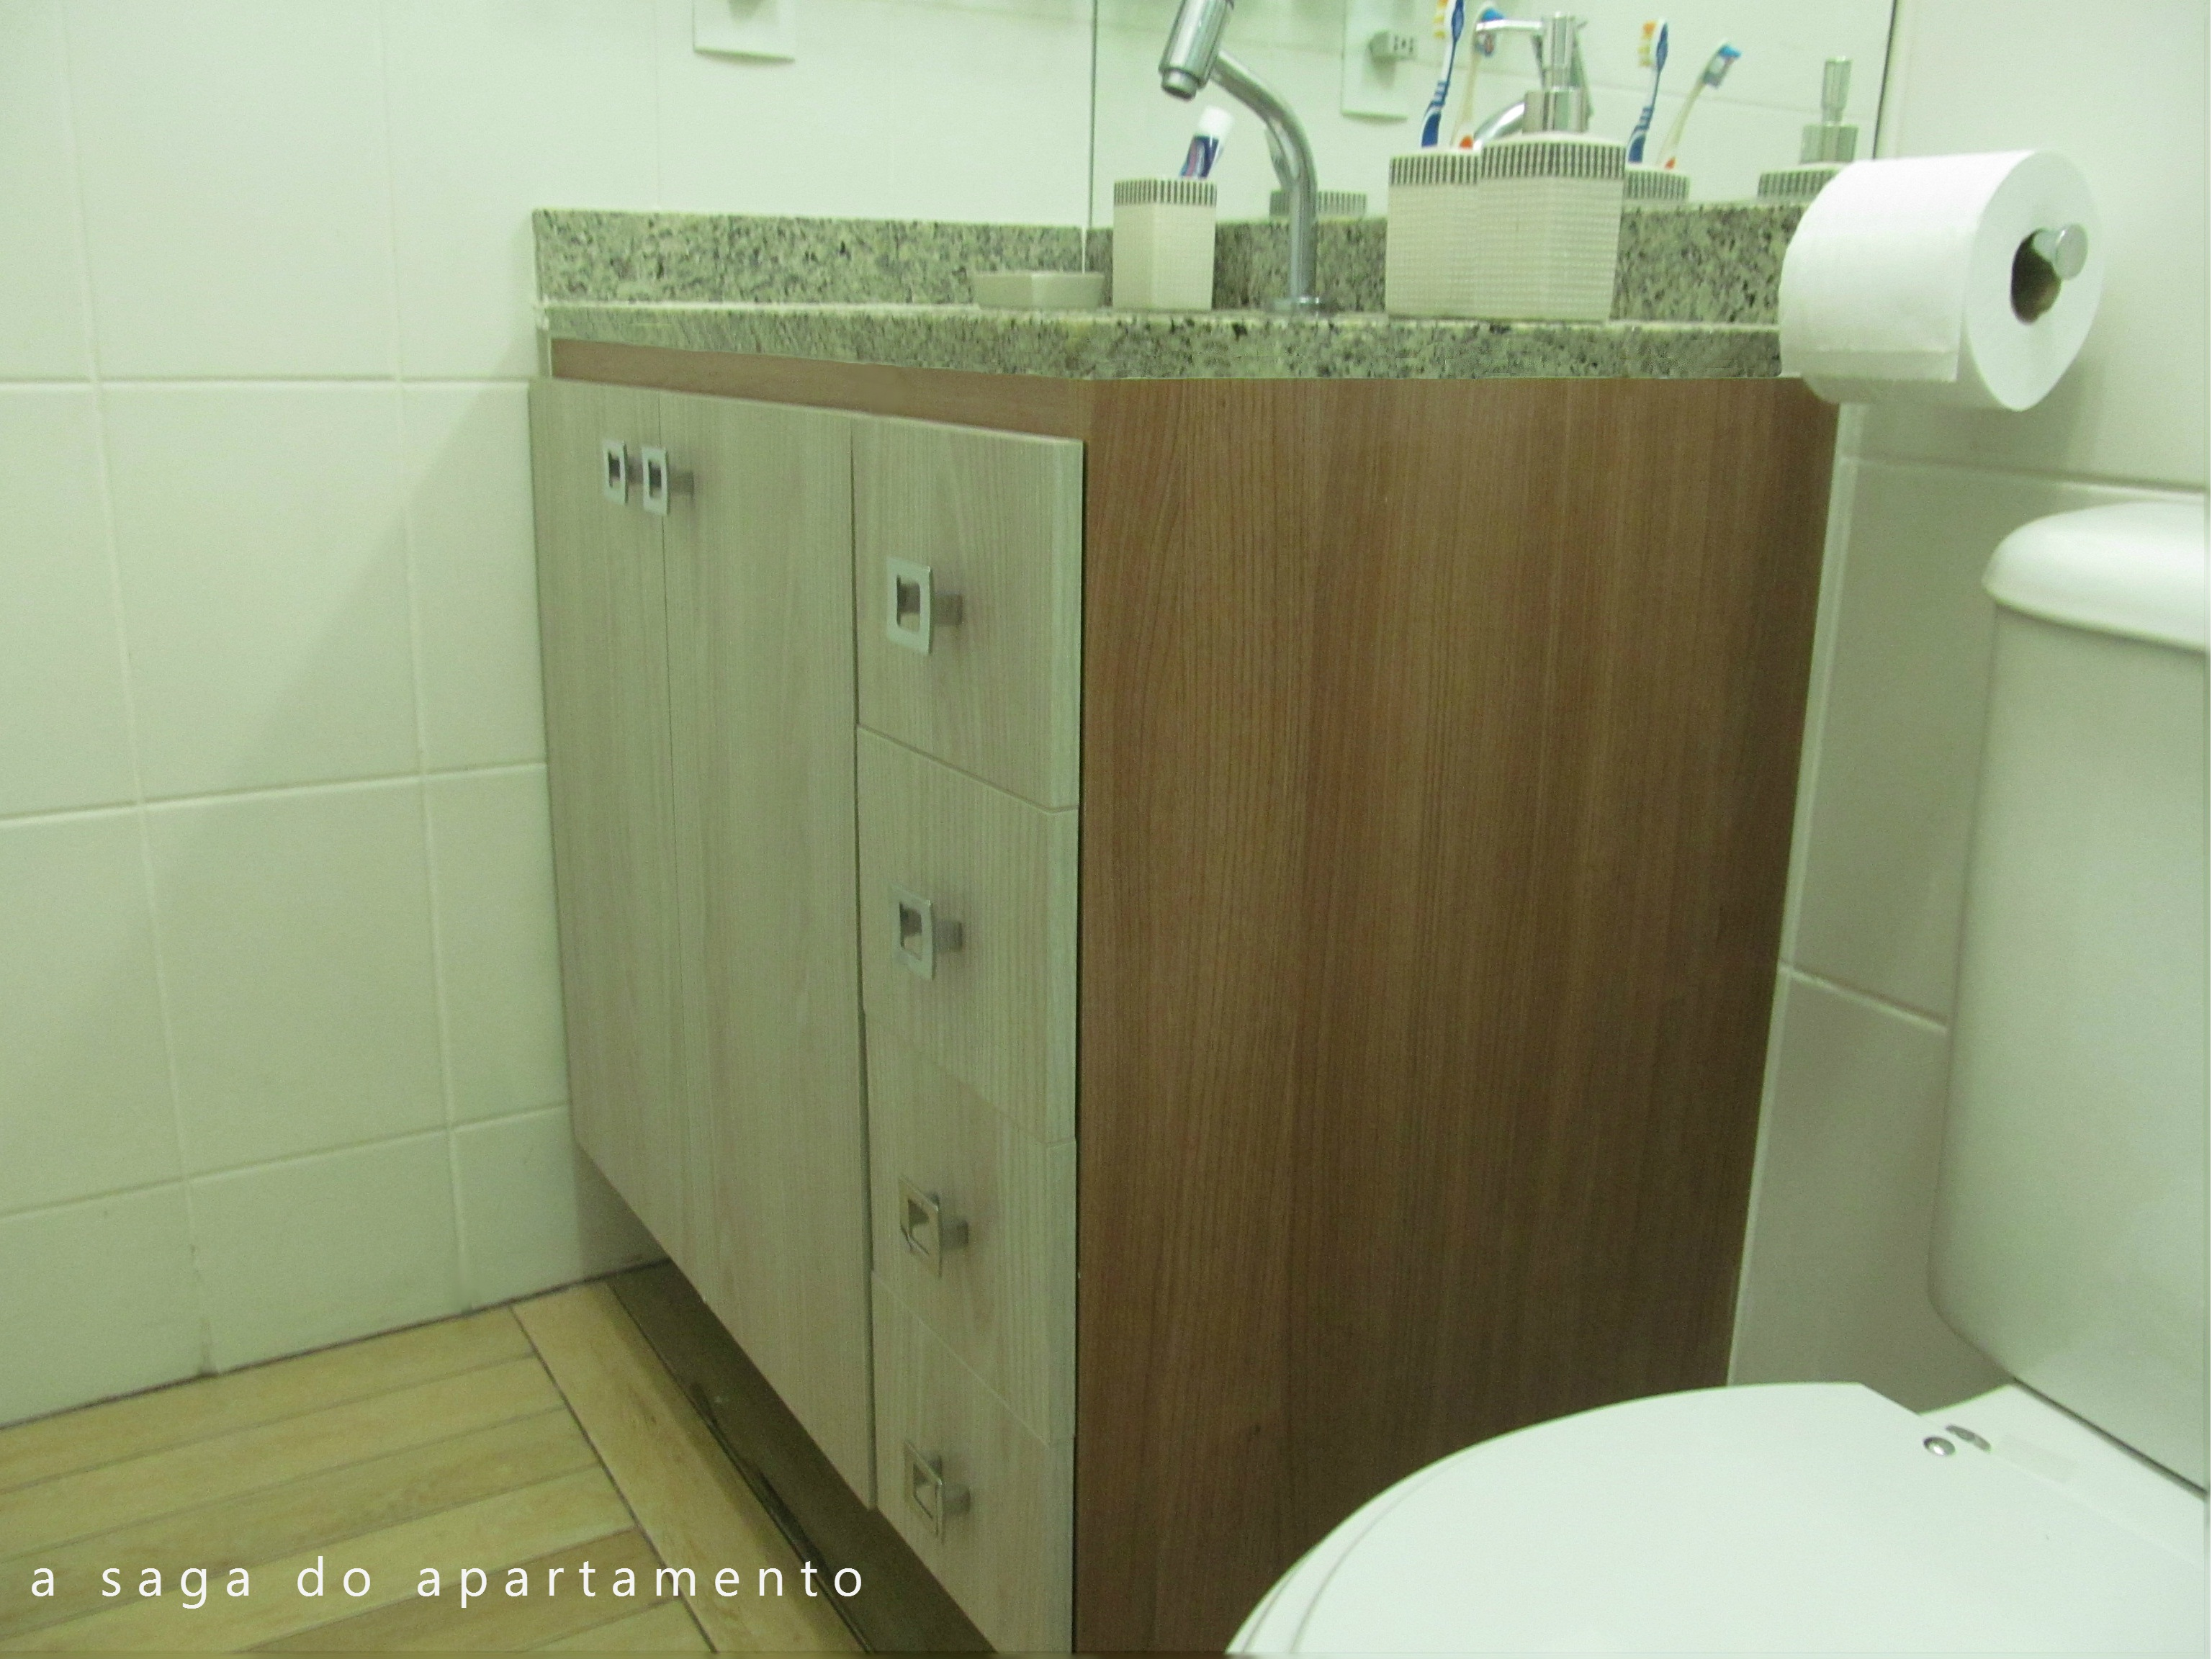 notável Armário Planejado do Banheiro a saga do apartamento #5E4E2B 3072 2304